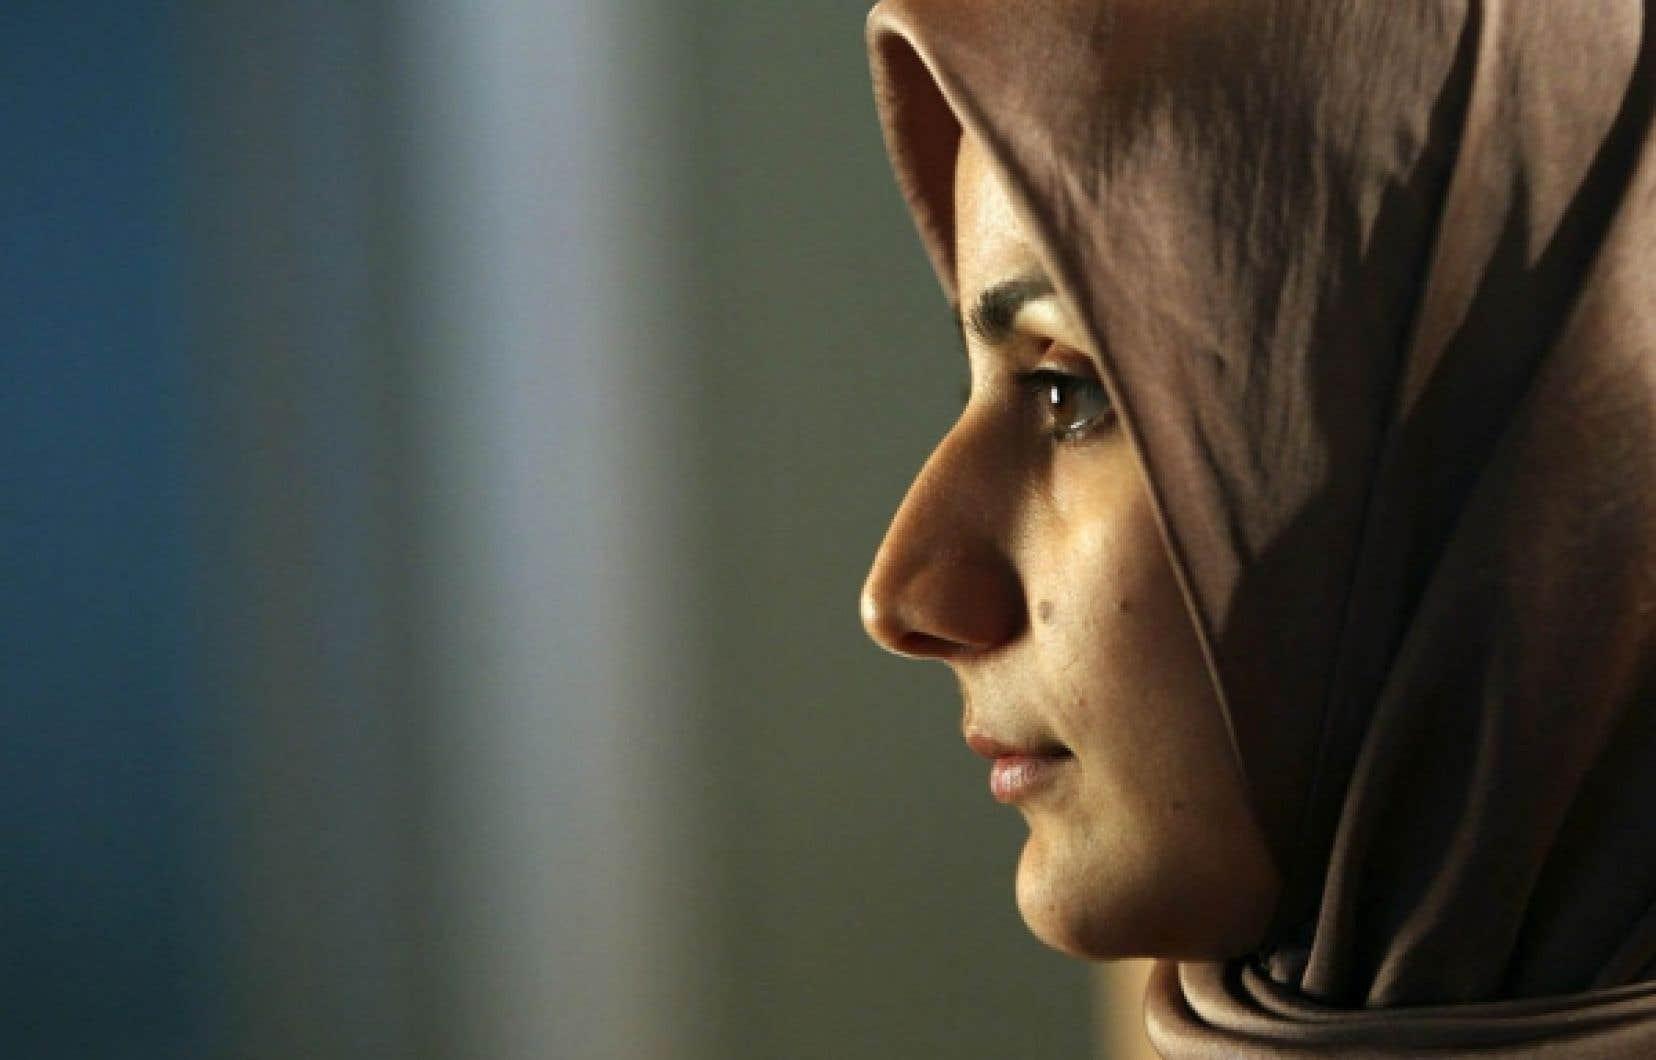 En vertu de la Charte canadienne des droits et libertés, les convictions religieuses ne sont pas de l'ordre du collectif, elles sont individuelles.